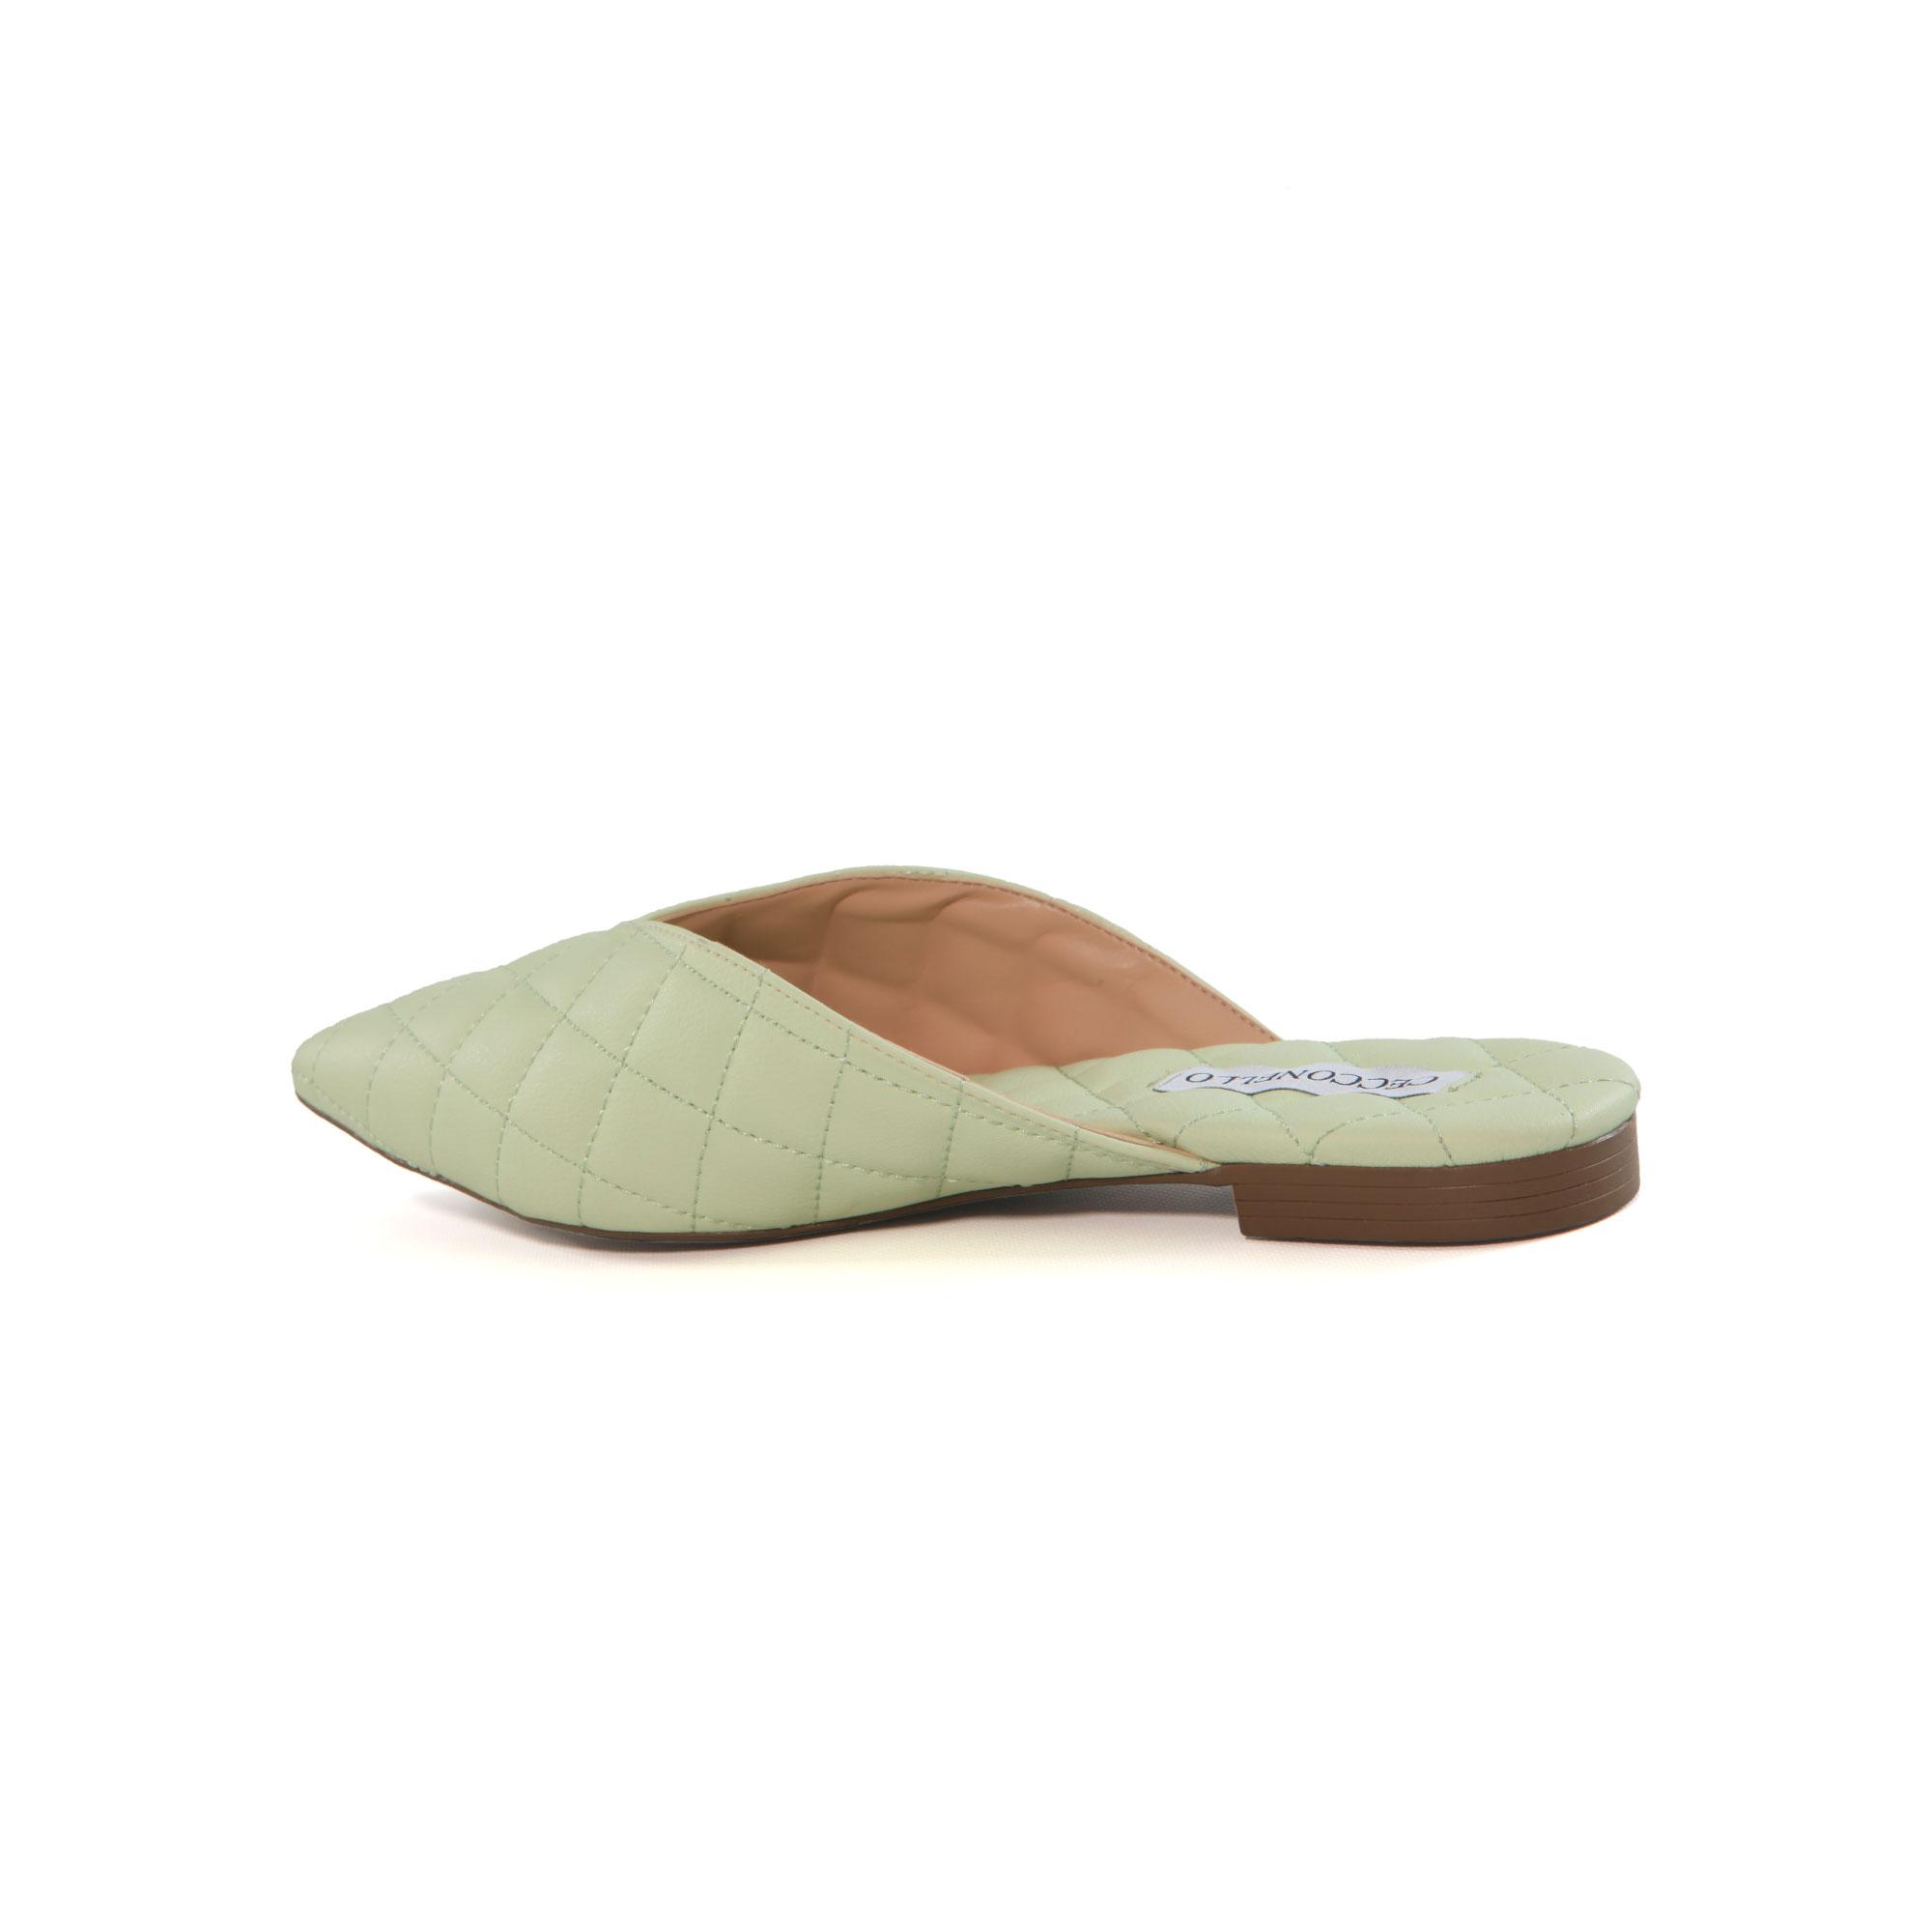 Mule Cecconello Verde Menta Comfy Matelassê Soft Salto Baixo Bloco 1,0cm